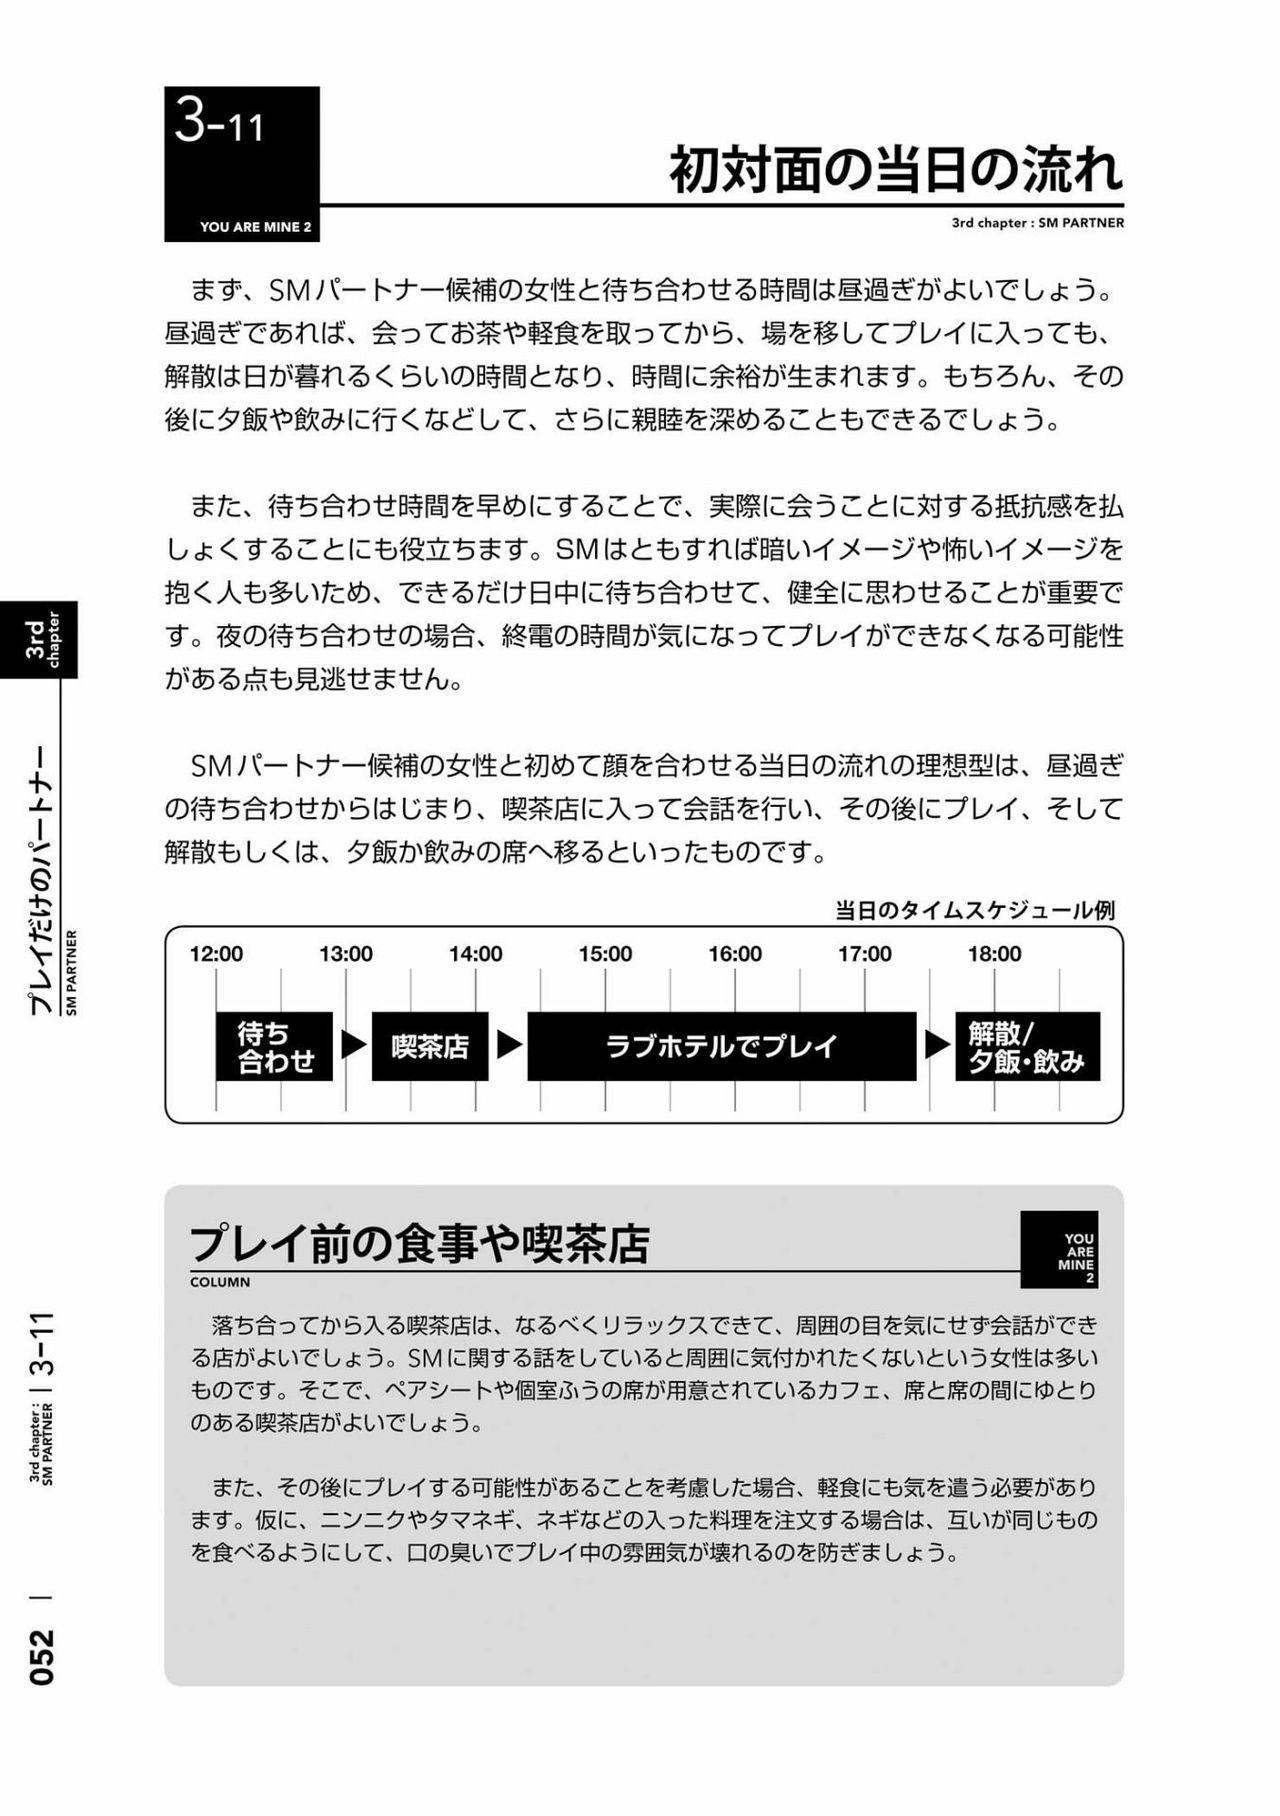 [Mitsuba] Karada mo Kokoro mo Boku no Mono ~Hajimete no SM Guide~ 2 [Digital] 54